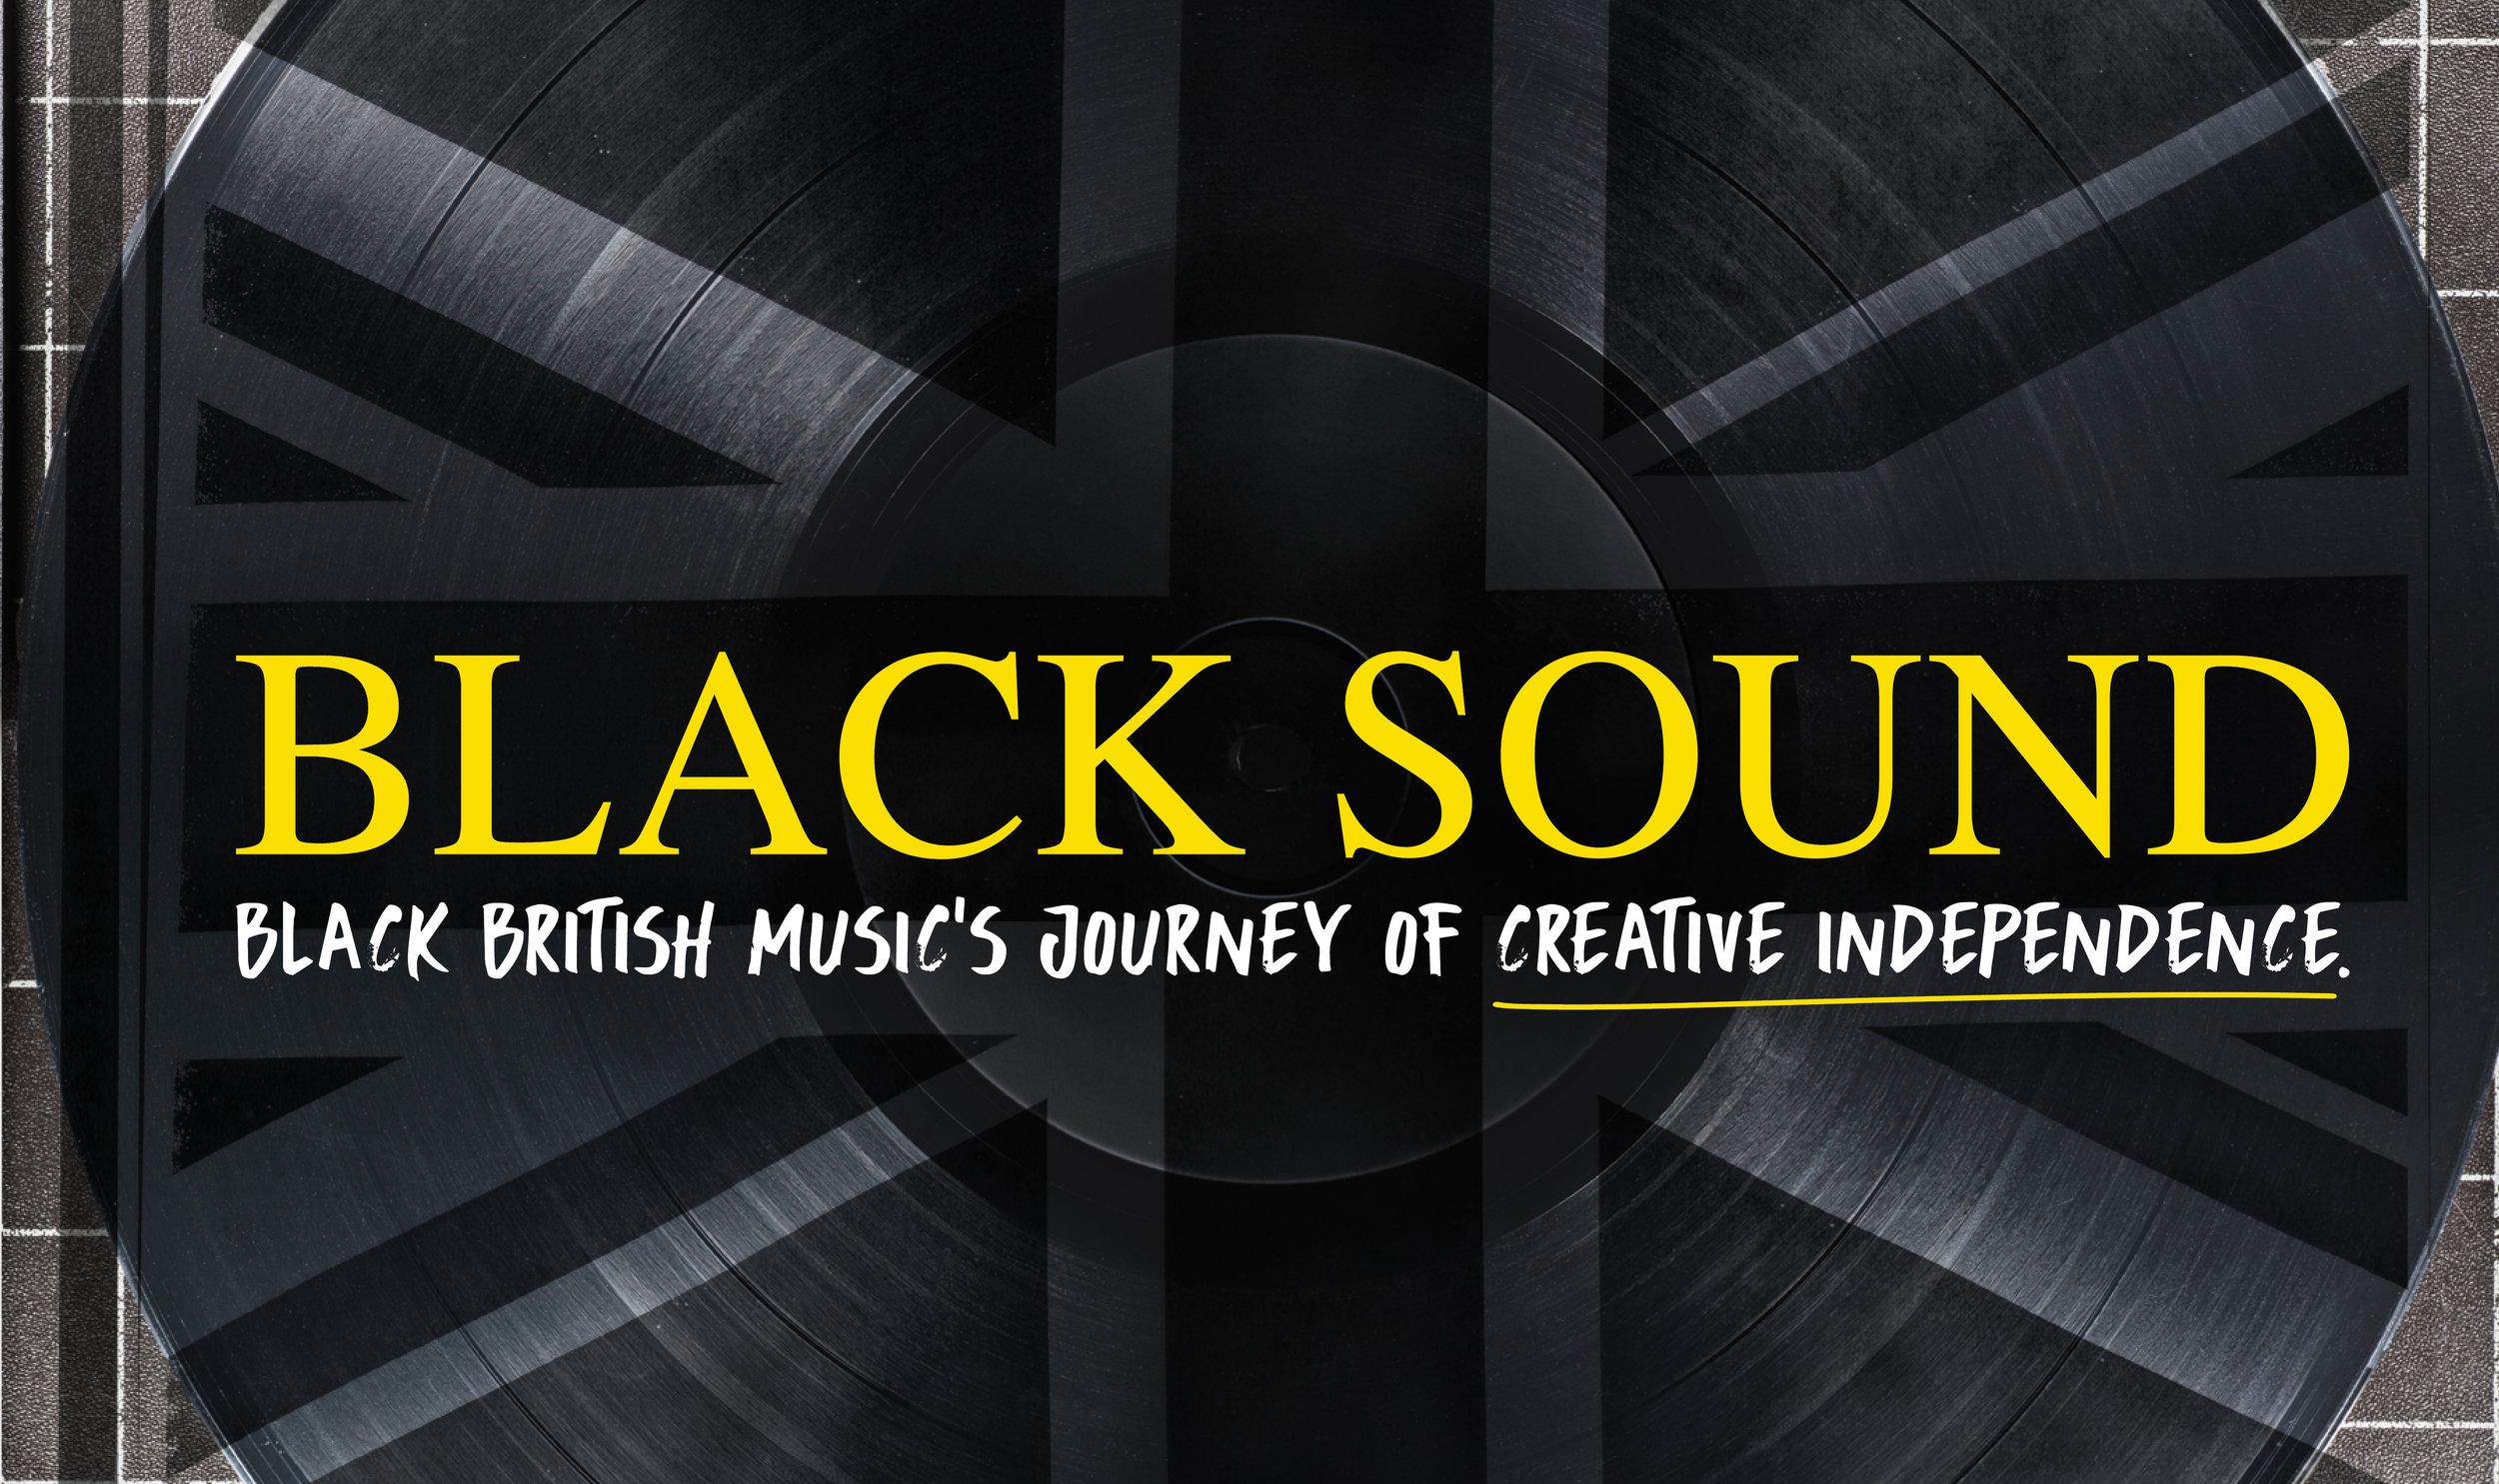 Black Sound Exhibition